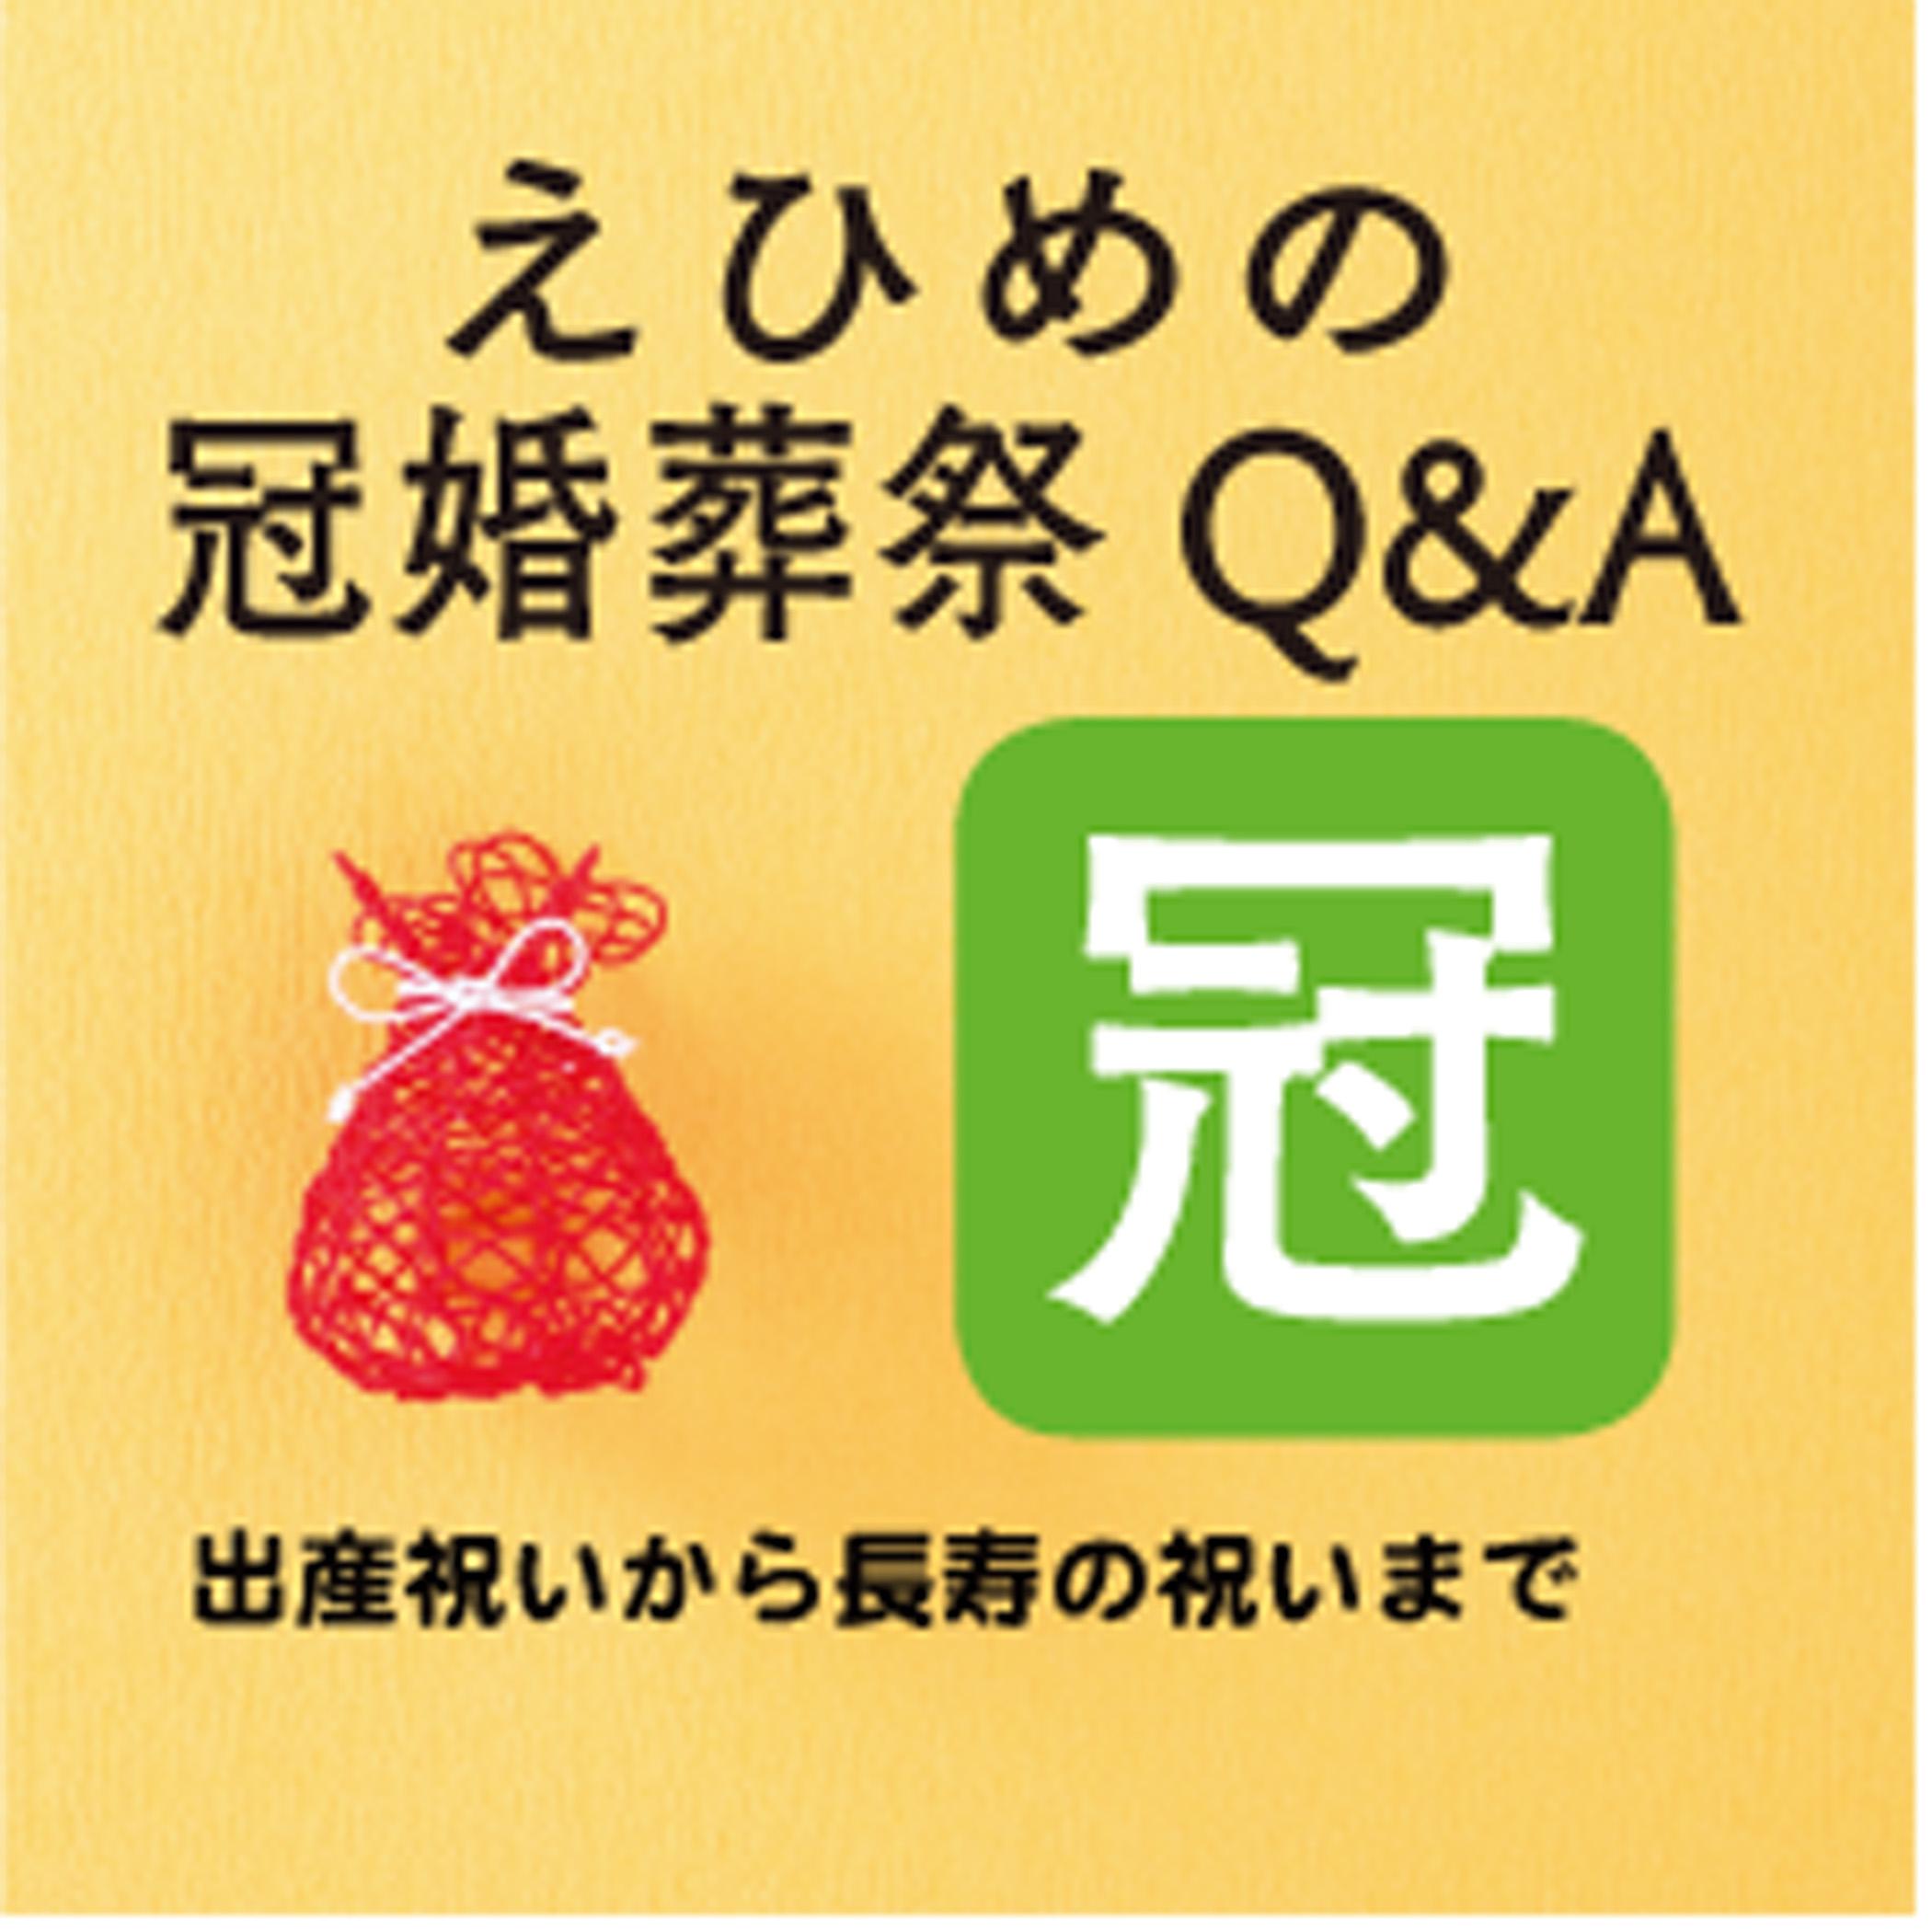 【Q】厄年のお祝いはどう贈る?